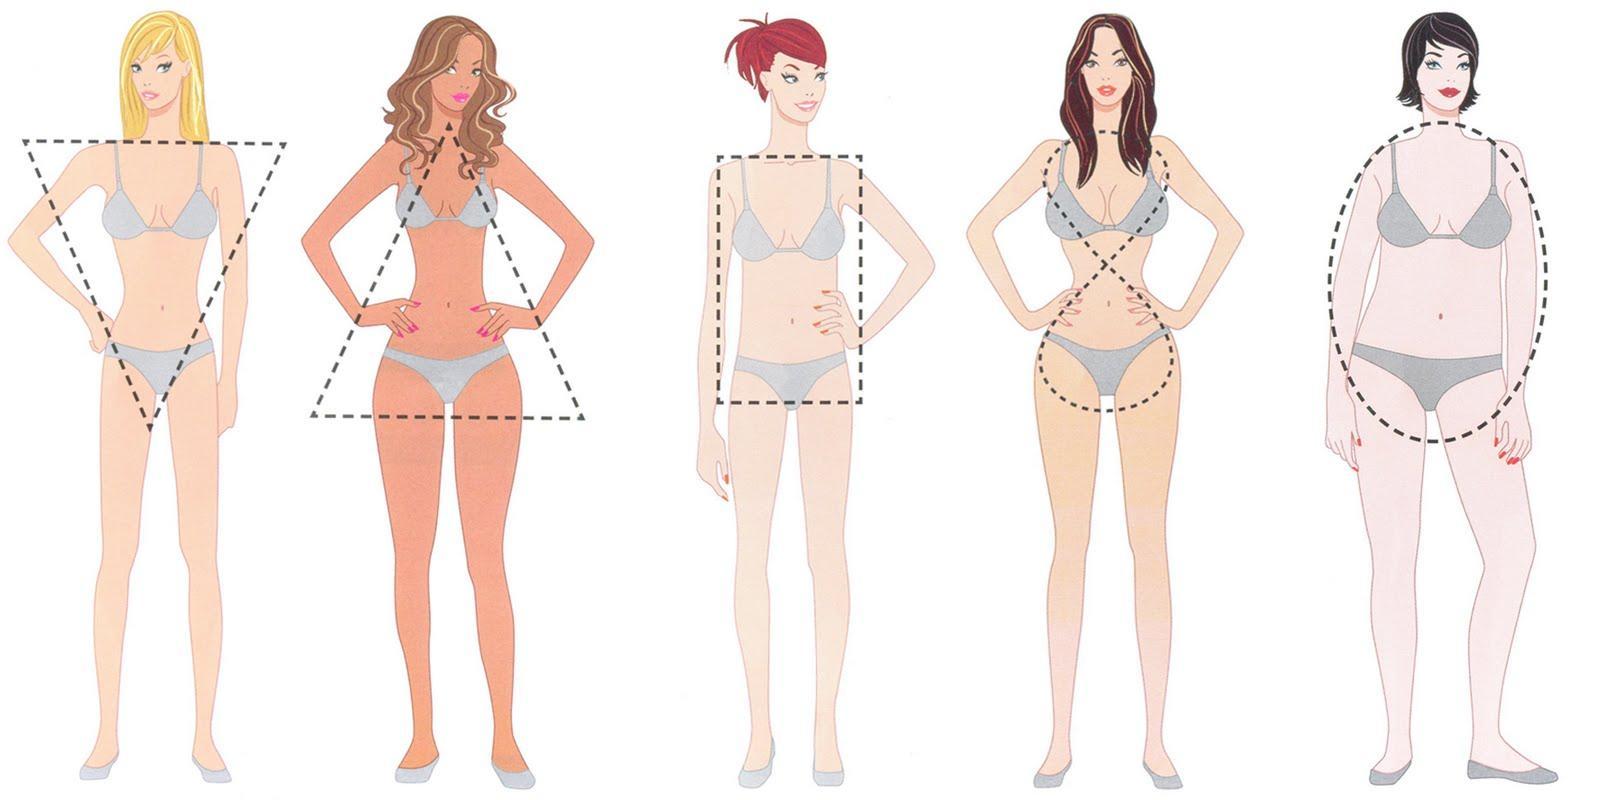 Como escolher o modelo de biquíni perfeito para o seu tipo de corpo